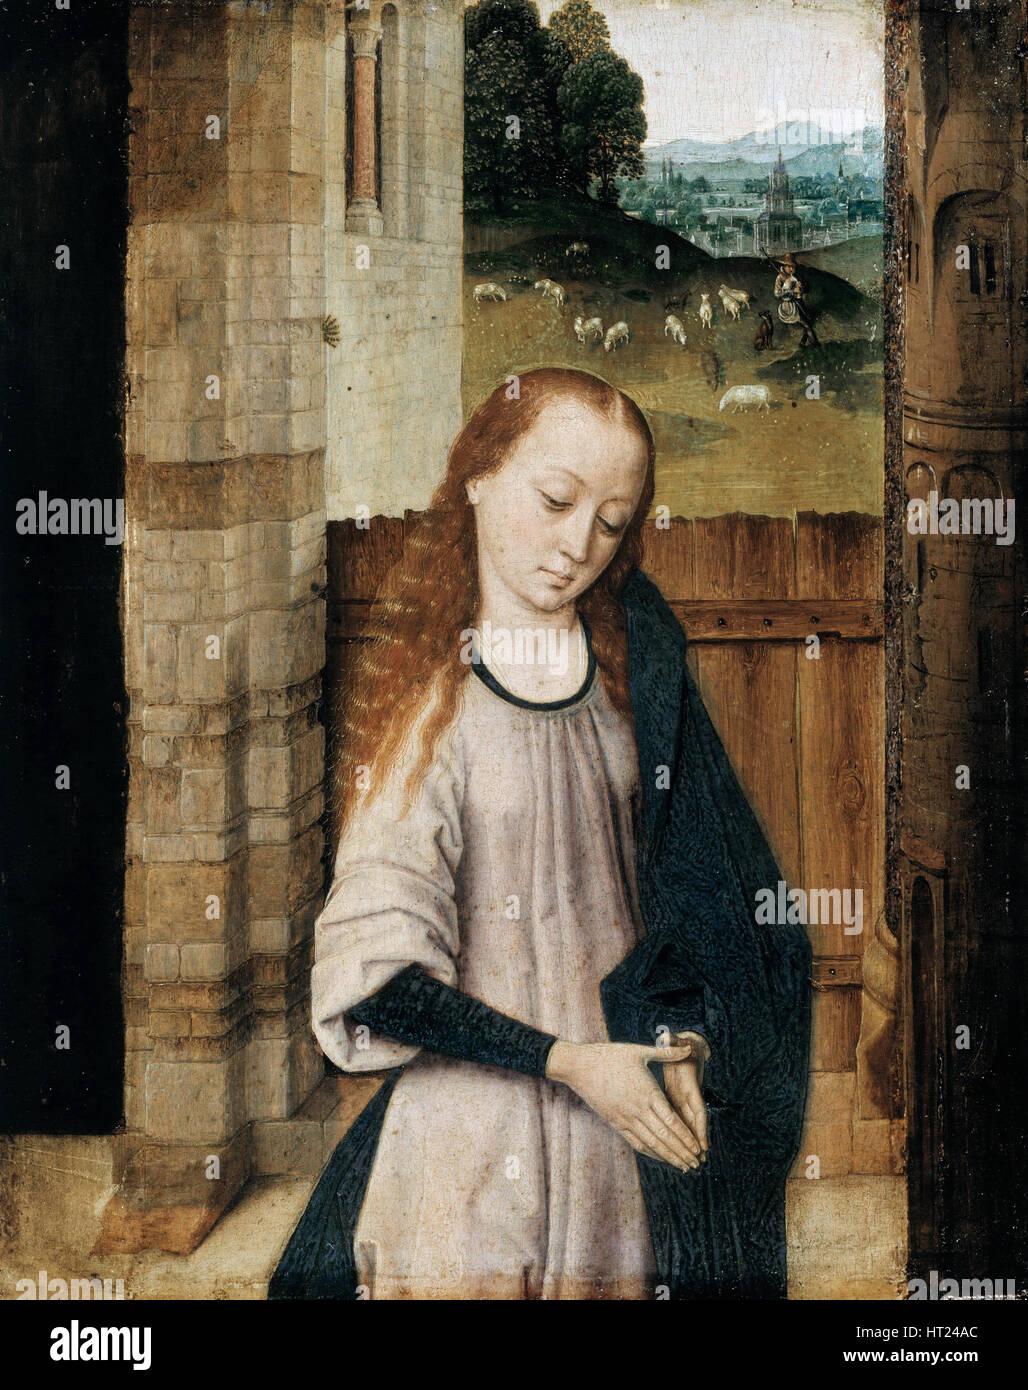 Vierge en adoration, 15e siècle. Artiste: Combats, Dirk (1410/20-1475) Photo Stock